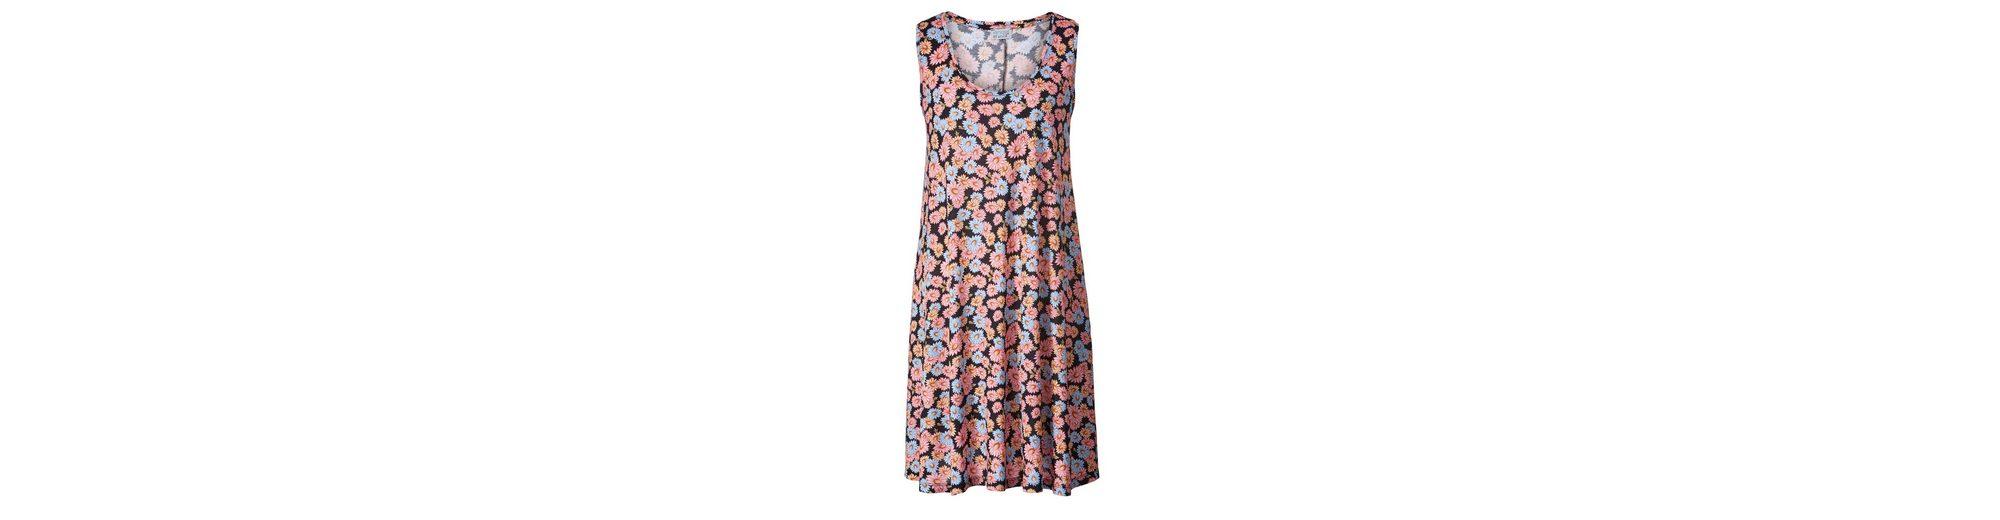 Steckdose Mit Kreditkarte Empfehlen Rabatt Angel of Style by Happy Size Jersey-Kleid mit Blumen-Print Kaufen Authentische Online Verkauf Mit Paypal 100% Original Online-Verkauf KNHj69T5X